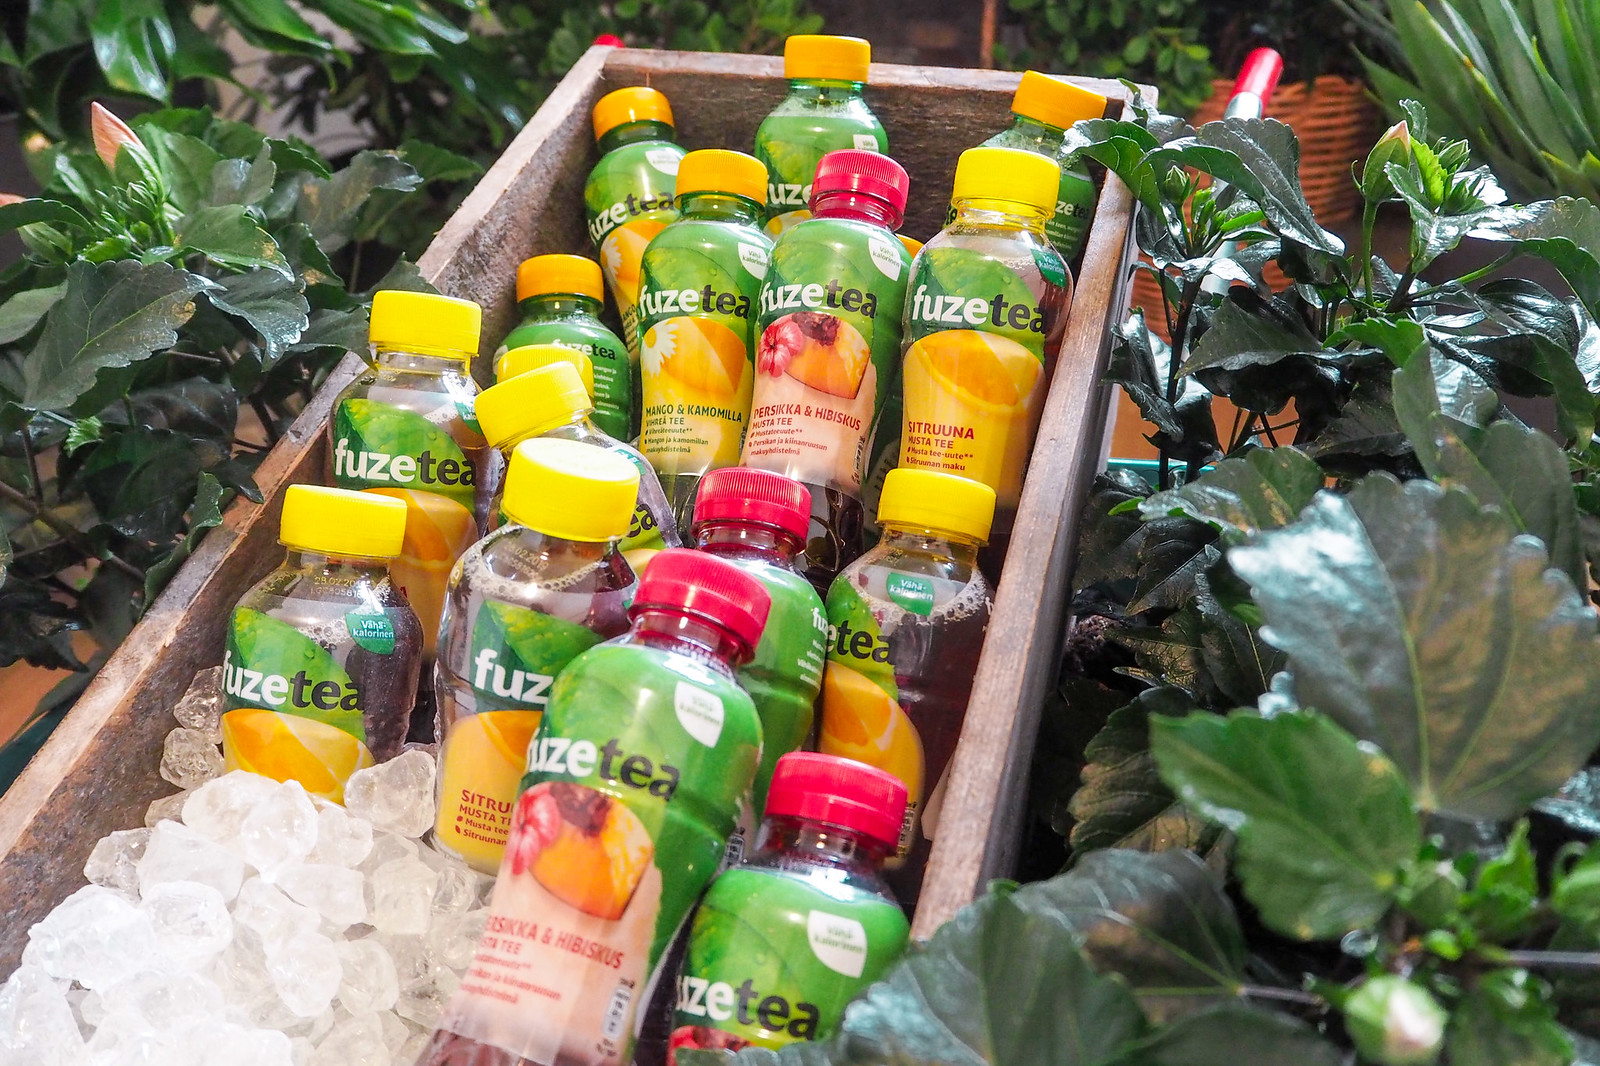 Fuze tea -jäätee, coca cola finland-9